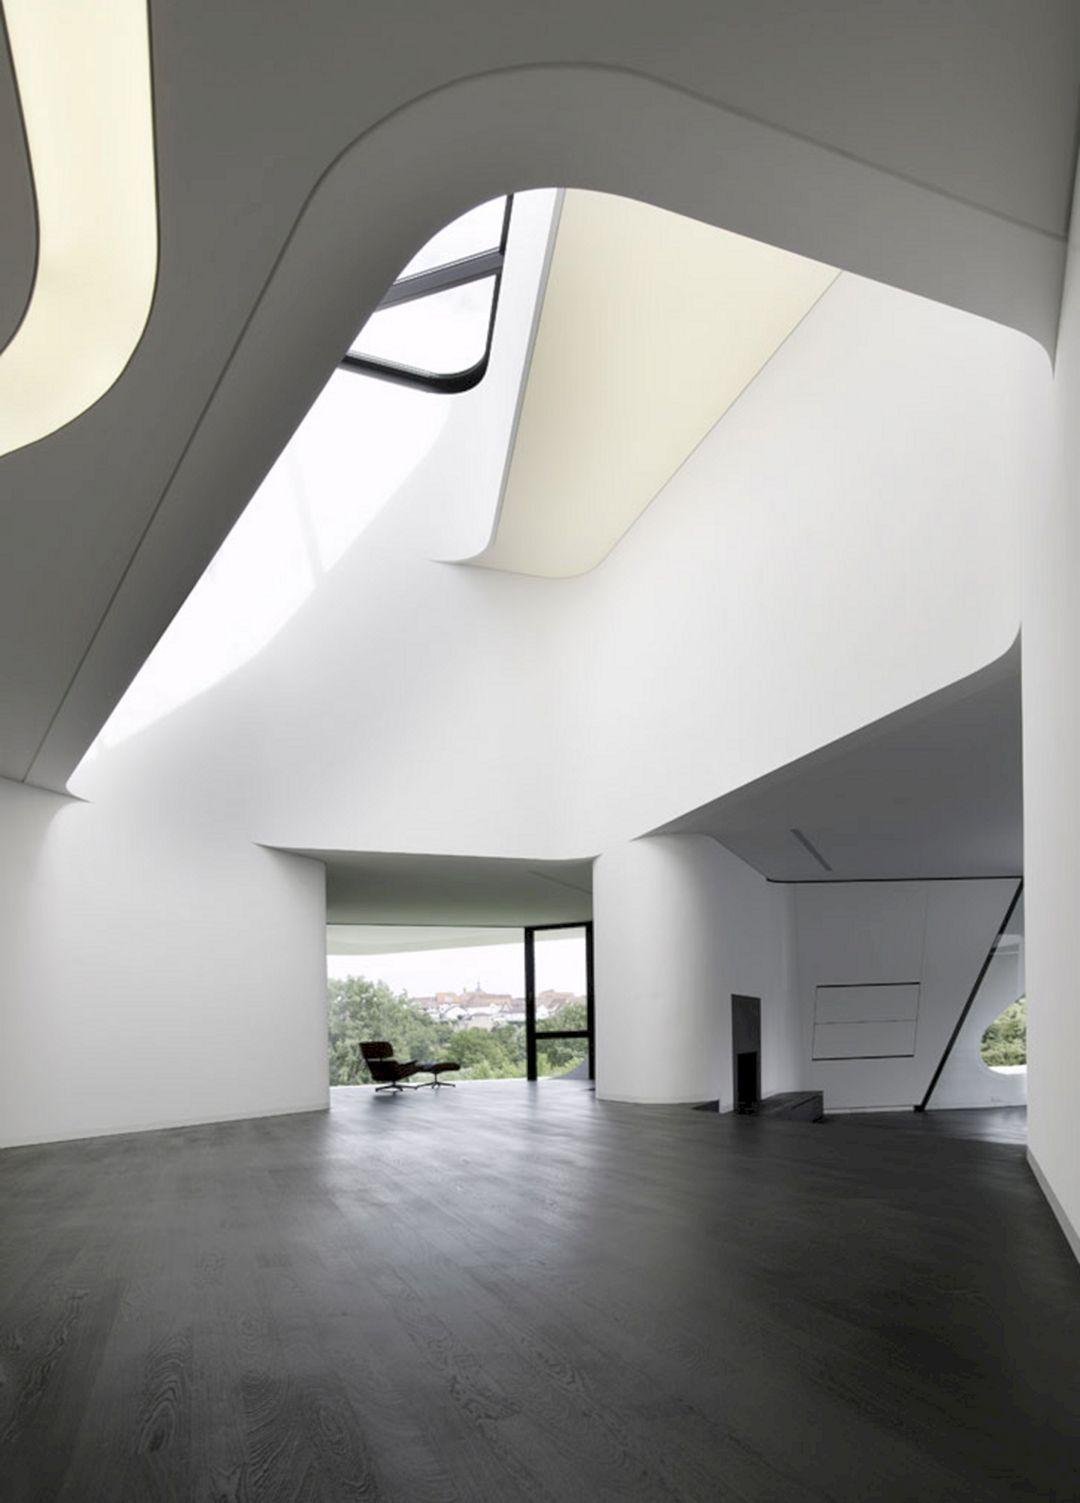 Future Interior House Design 3 Decoredo Futuristic Home House Design Architecture Design